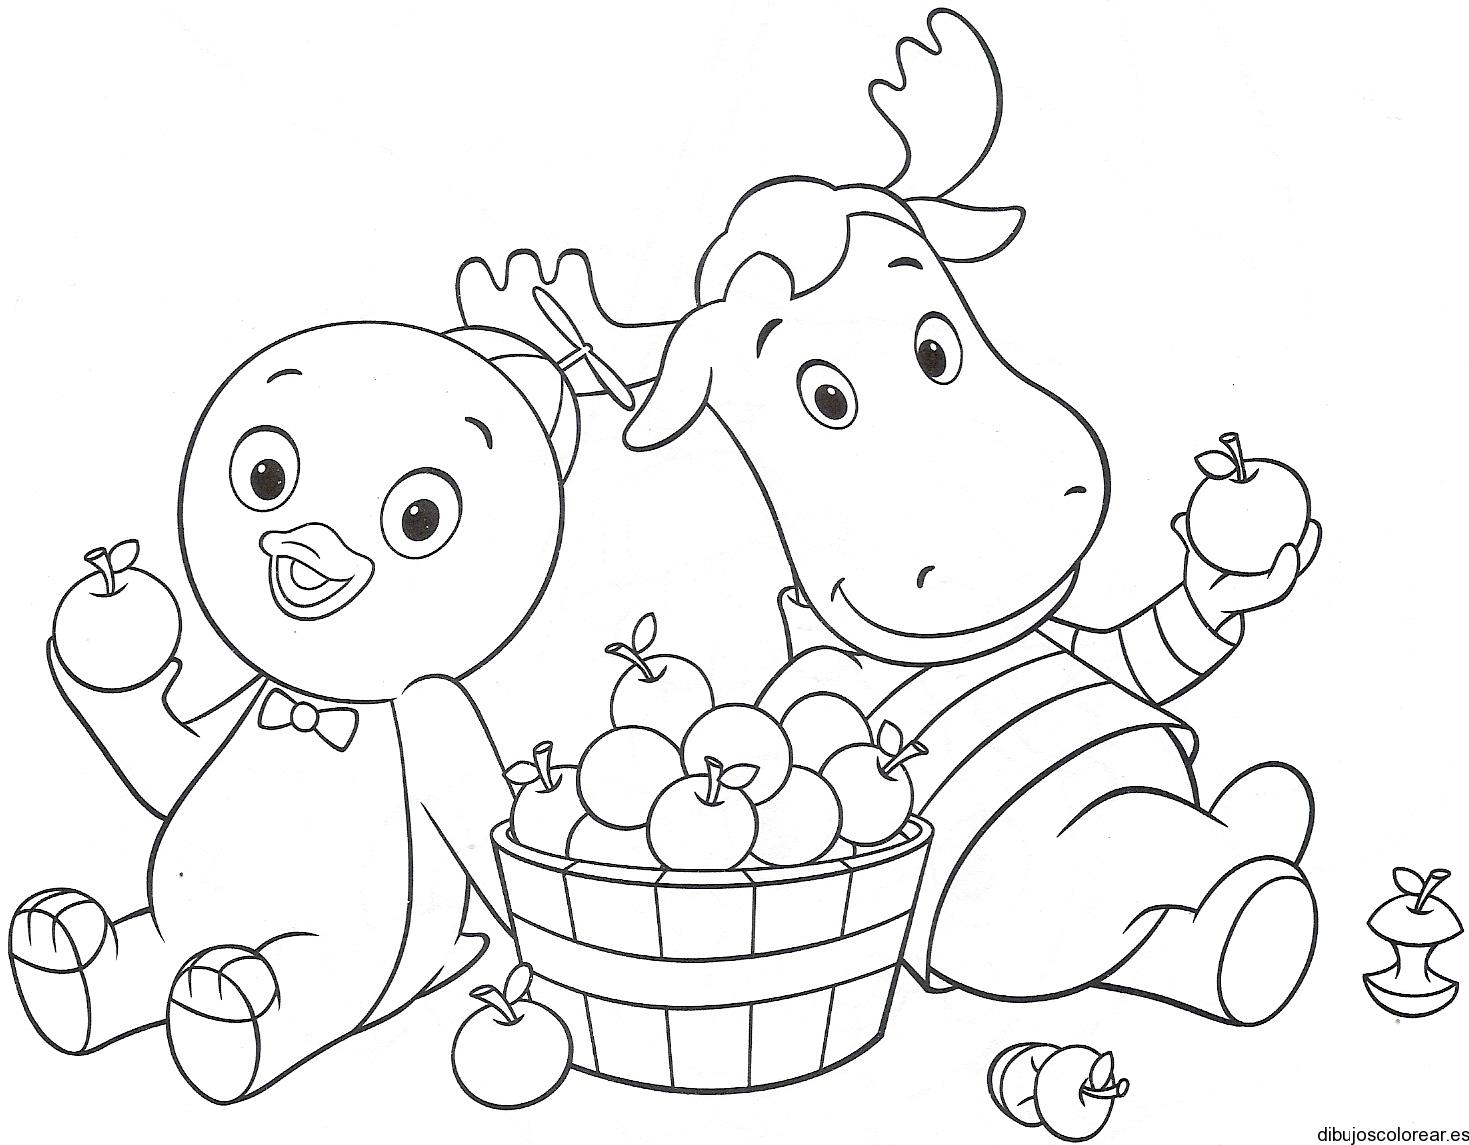 Dibujo de un reno y un pollo